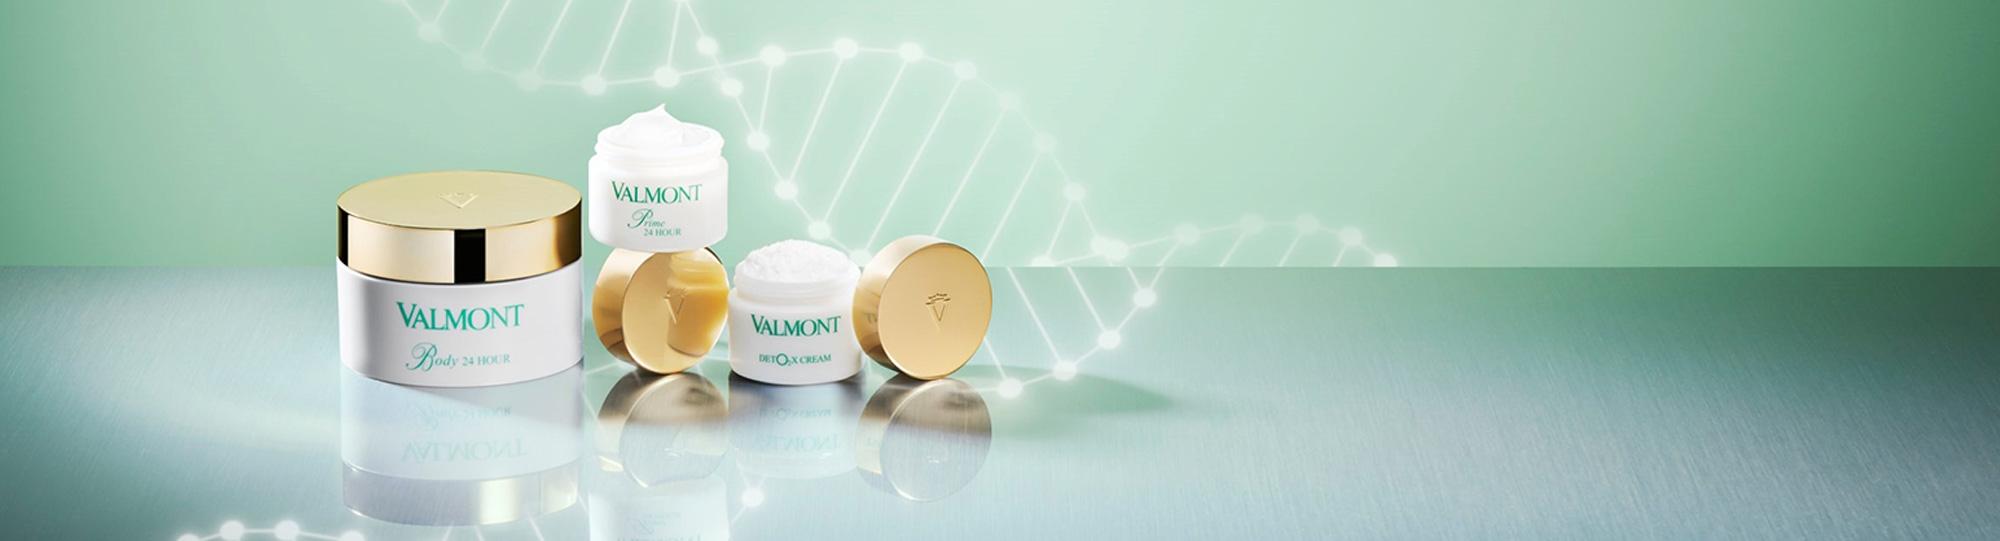 Valmont Energie energy